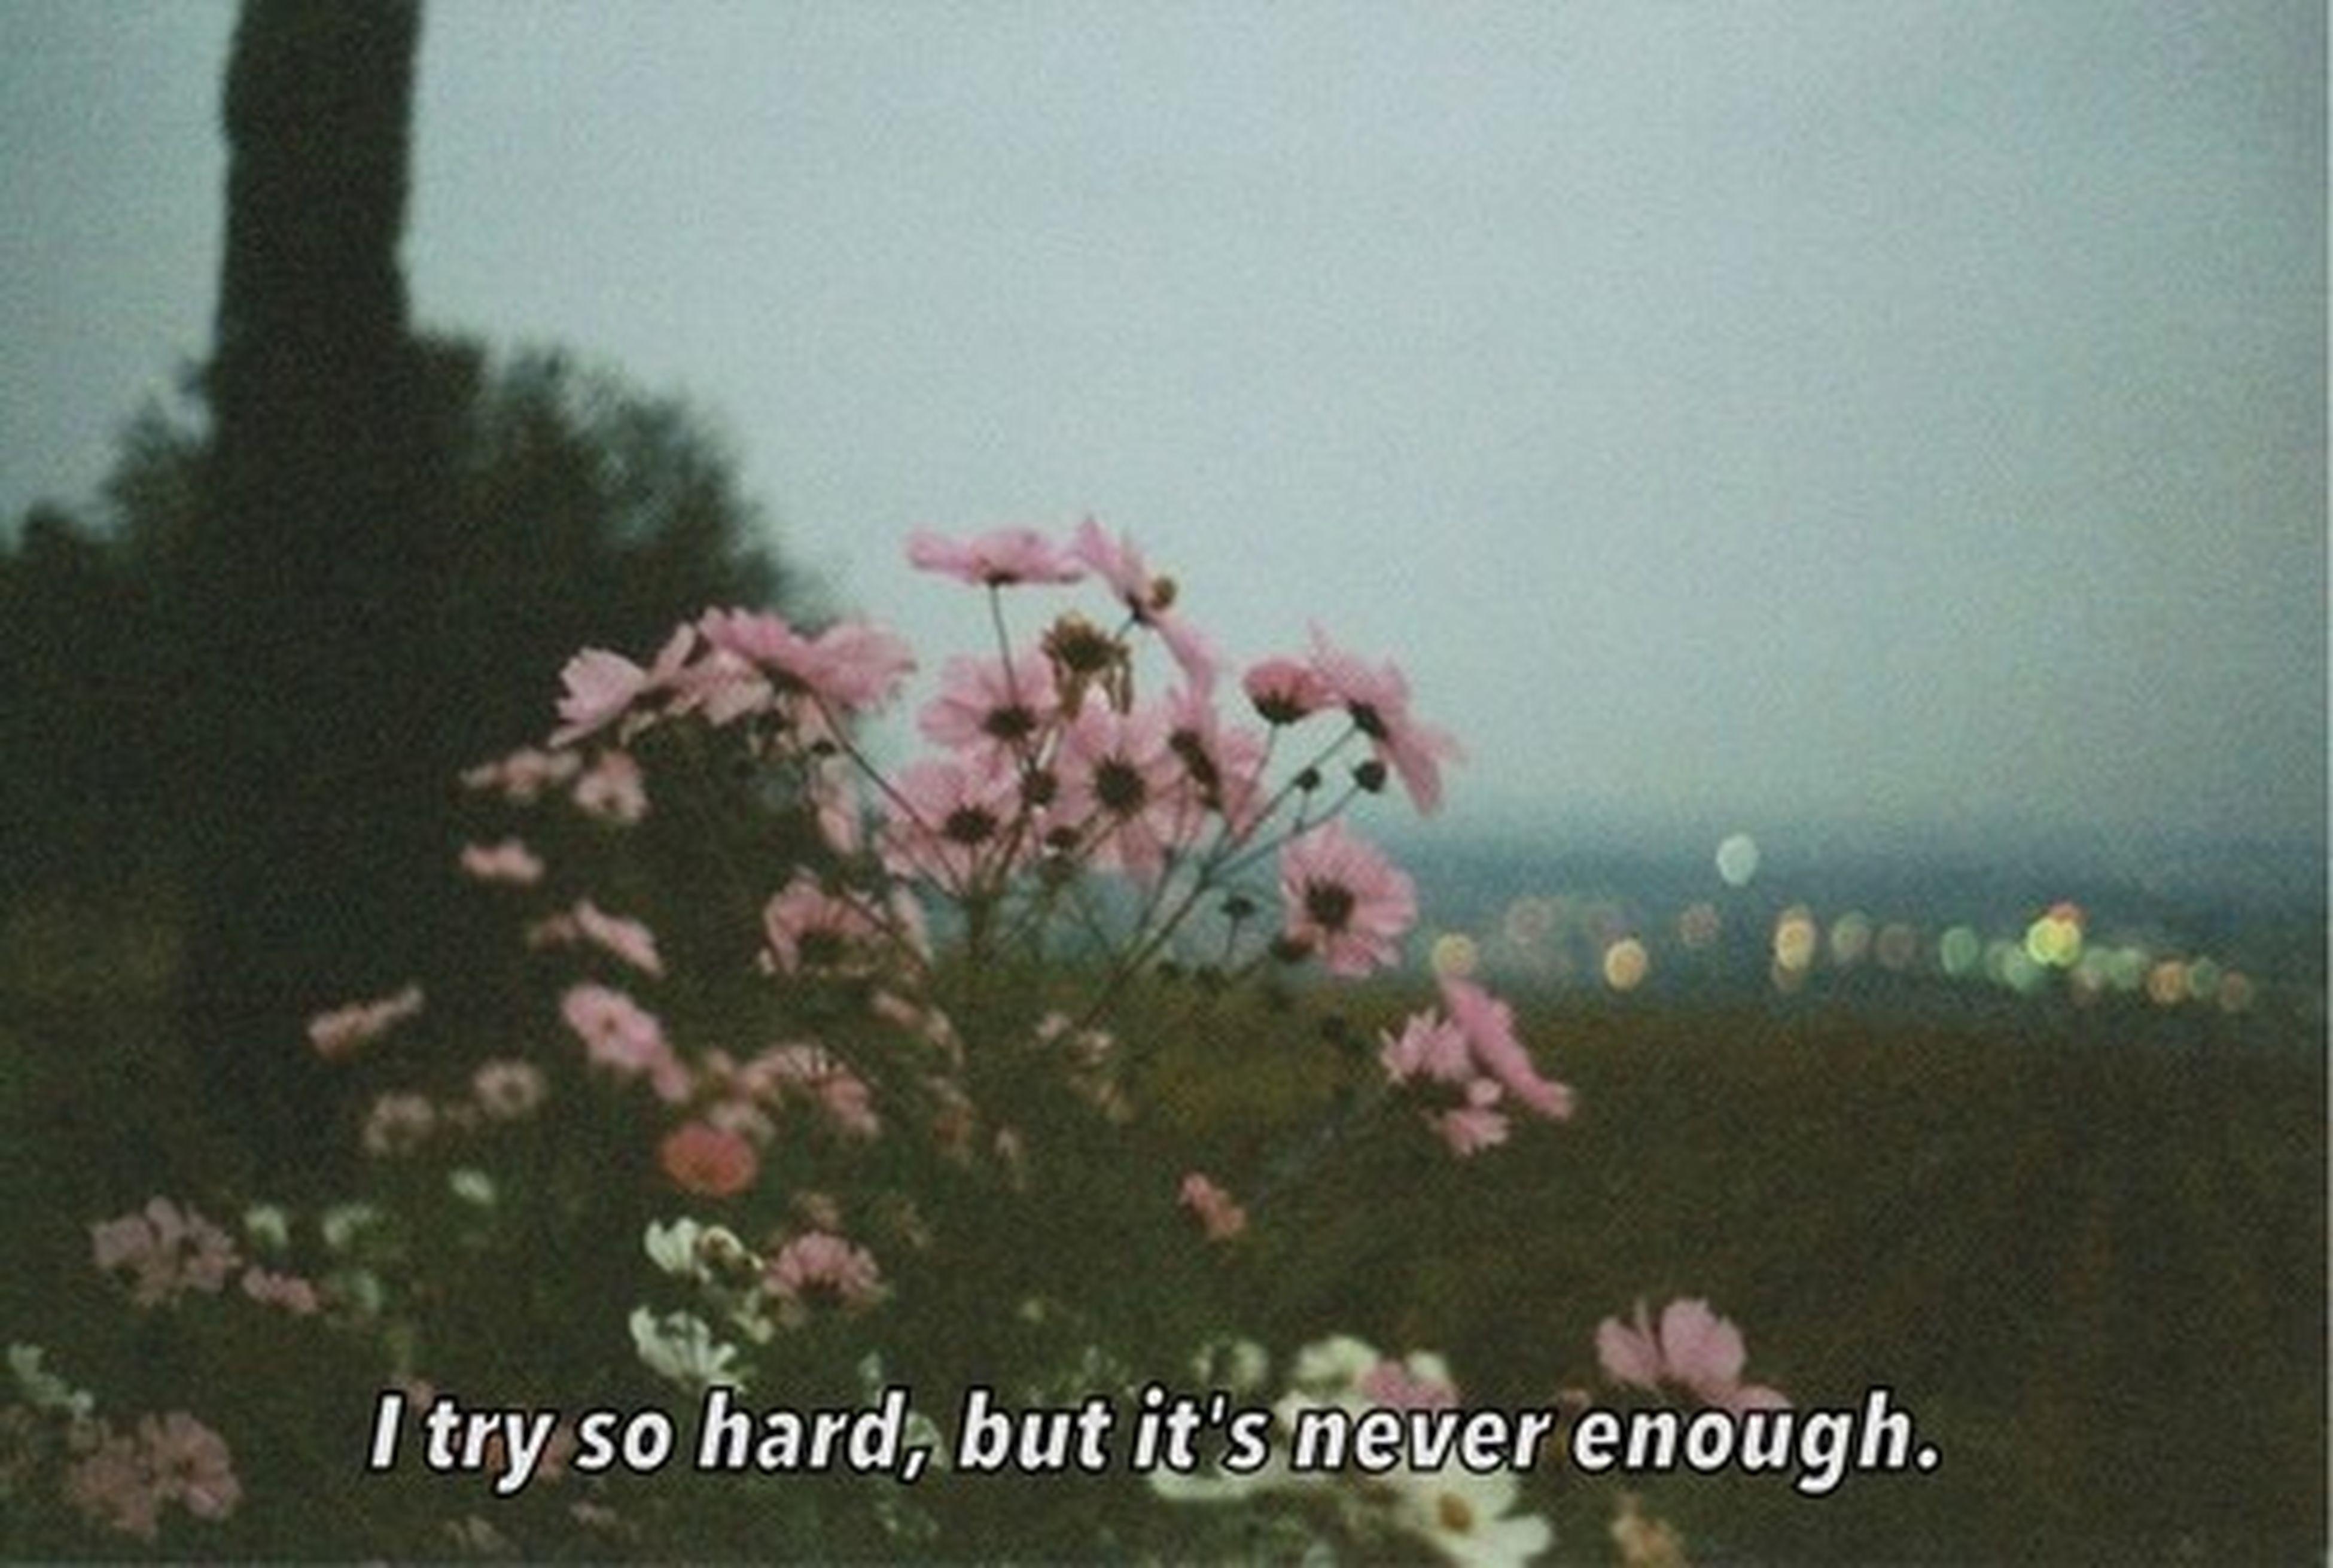 ปลงเสียแม่จำเนียน That's Me In My Feelings Wordsoftheday